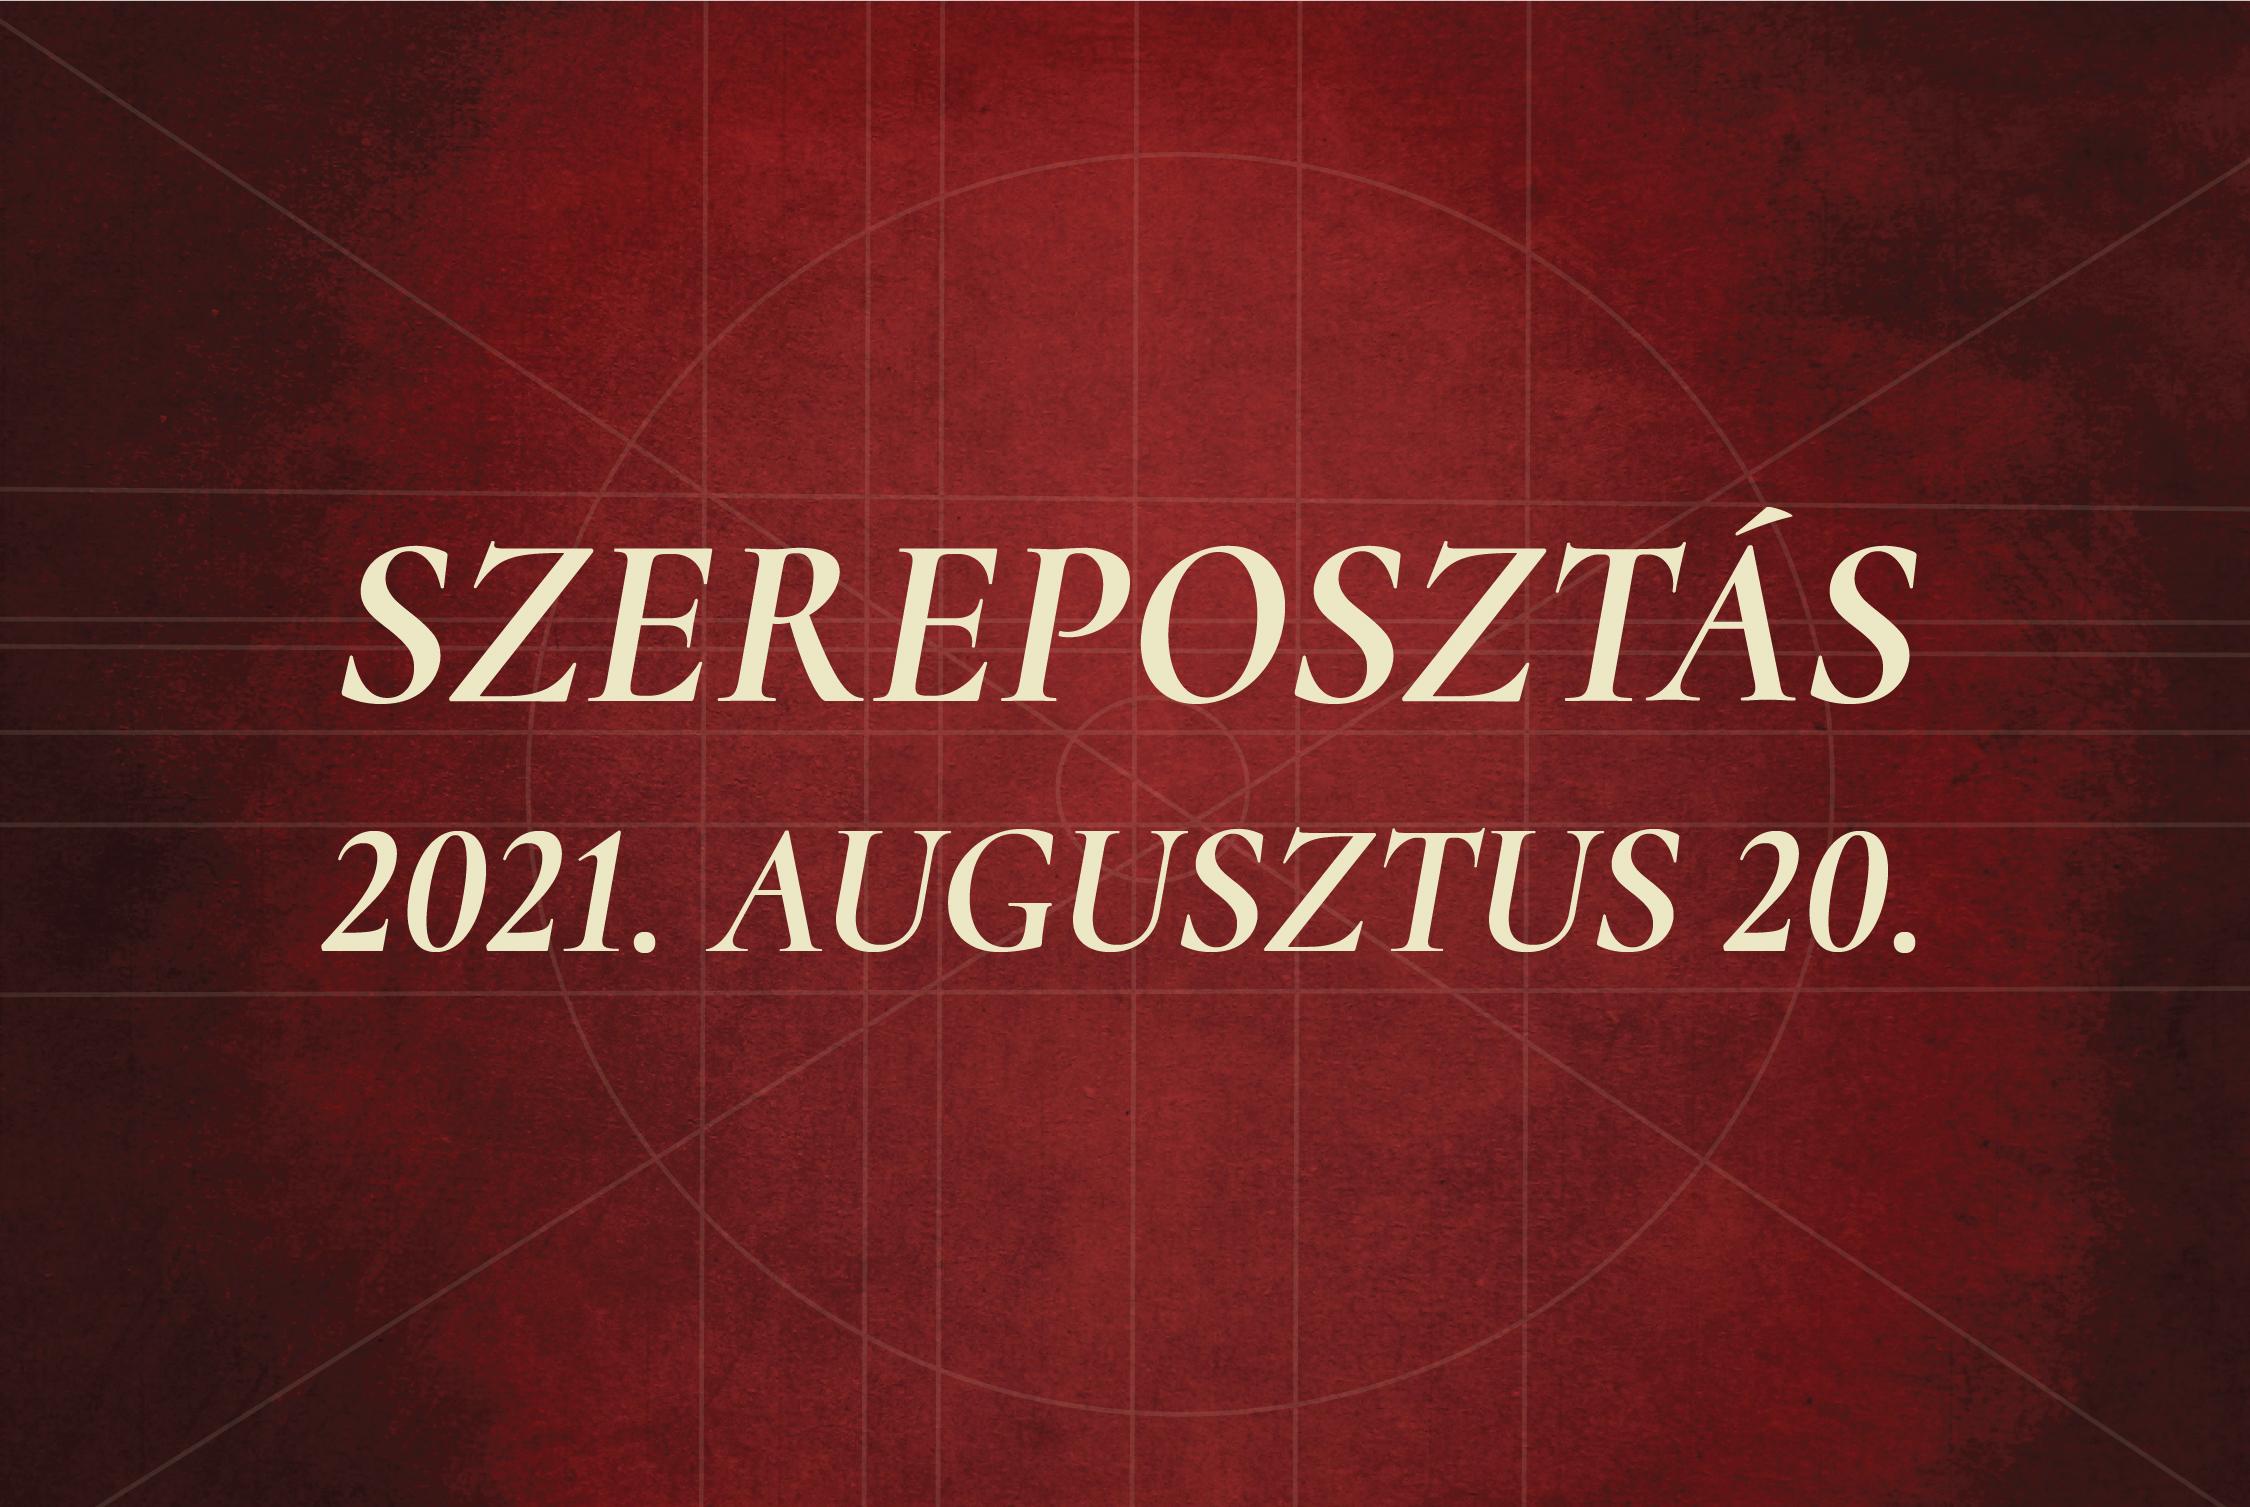 Szereposztás / 2021. augusztus 20.